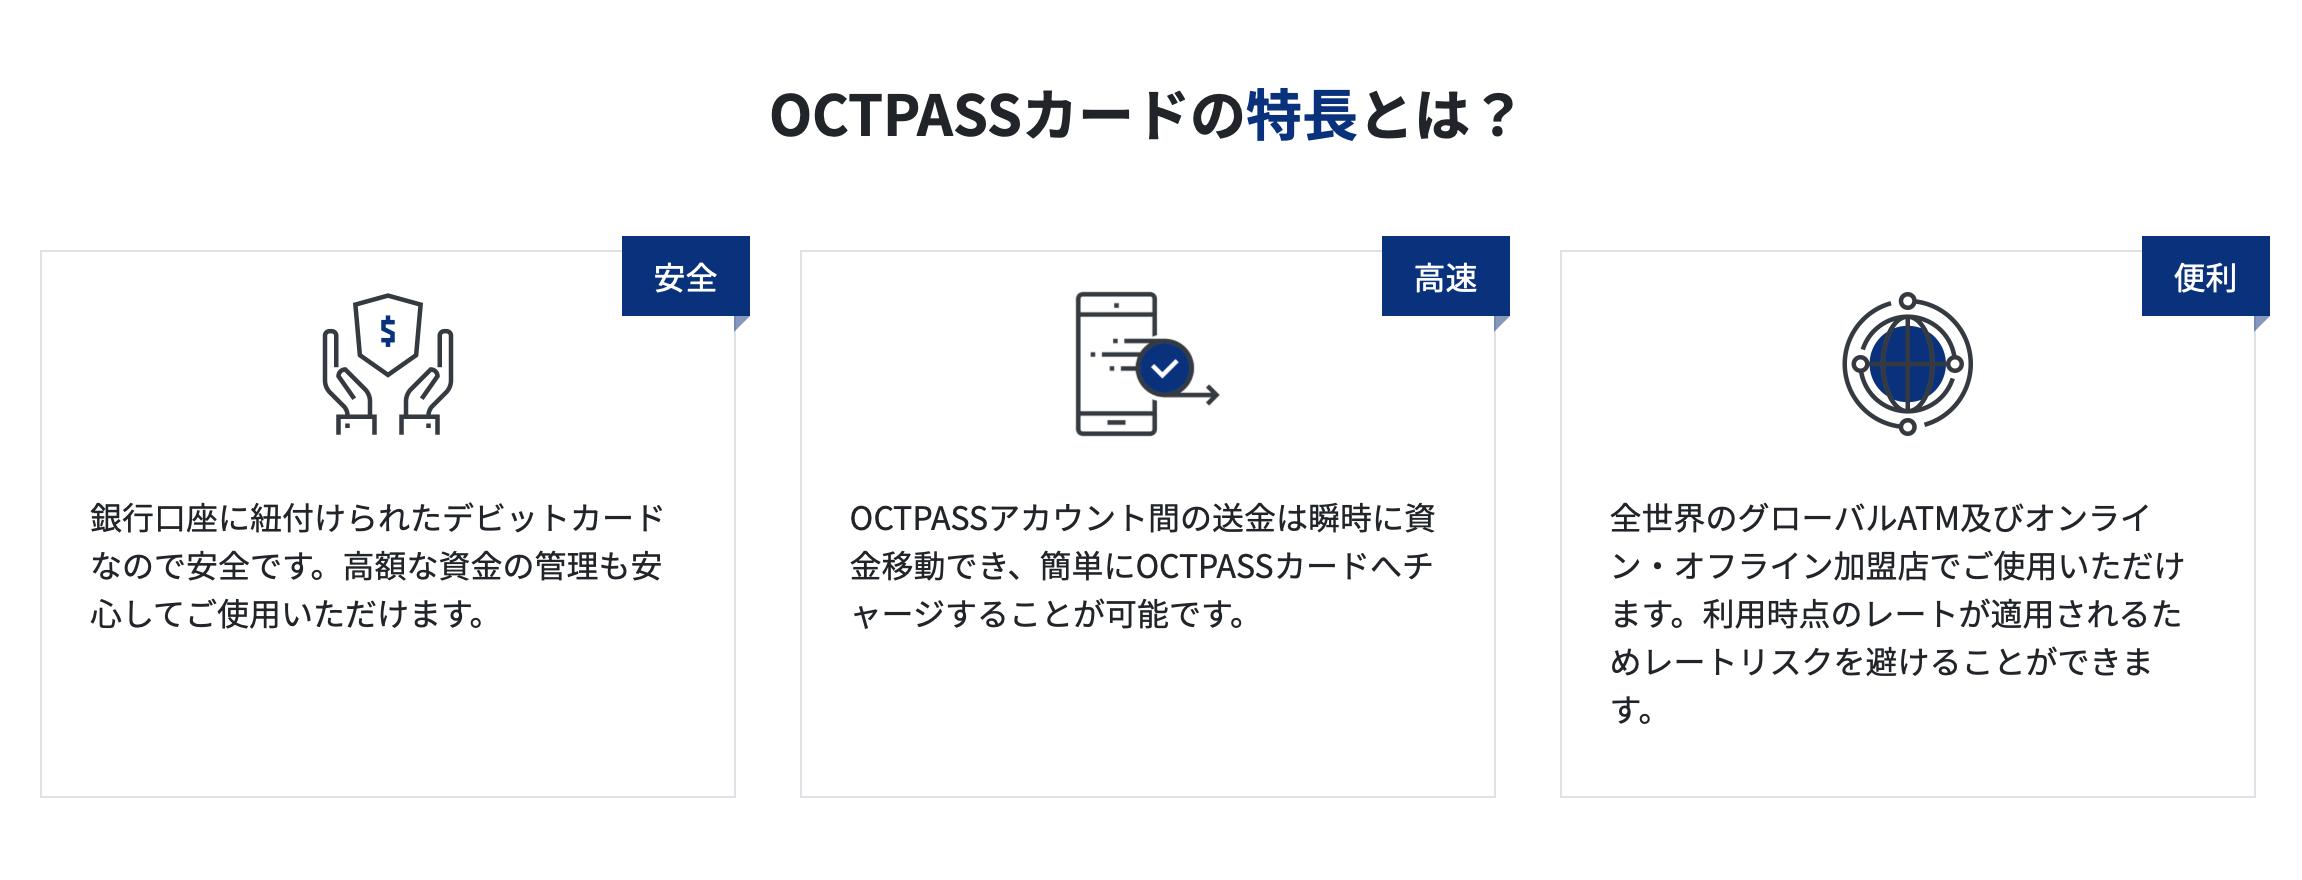 OCTPASSカードは、海外大手銀行口座に紐付けられたVISAデビットカードなので安全です。高額な仮想通貨(暗号資産)といった資金の管理も安心してご使用いただけます。 高速 OCTPASSアカウント間の仮想通貨(暗号資産)といった送金は瞬時に資金移動でき、簡単にOCTPASSカードへ仮想通貨(暗号資産)のチャージすることが可能です。 便利 全世界のグローバルATM及びオンライン・オフライン加盟店でご使用いただけます。利用時点のレートが適用されるためレートリスクを避けることができます。